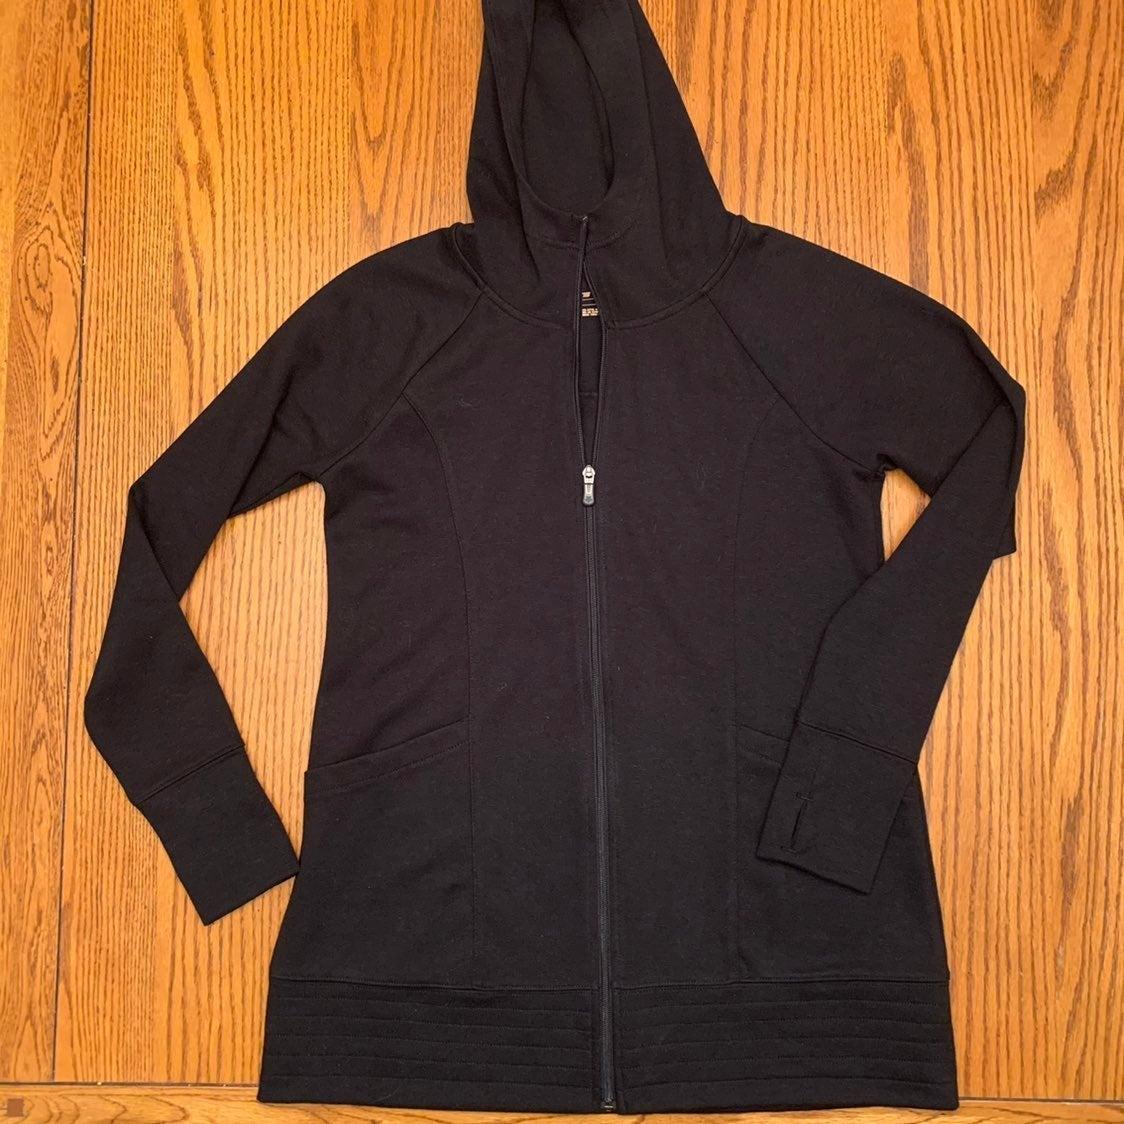 New W/O tags-Tek Gear Black Knit Jacket